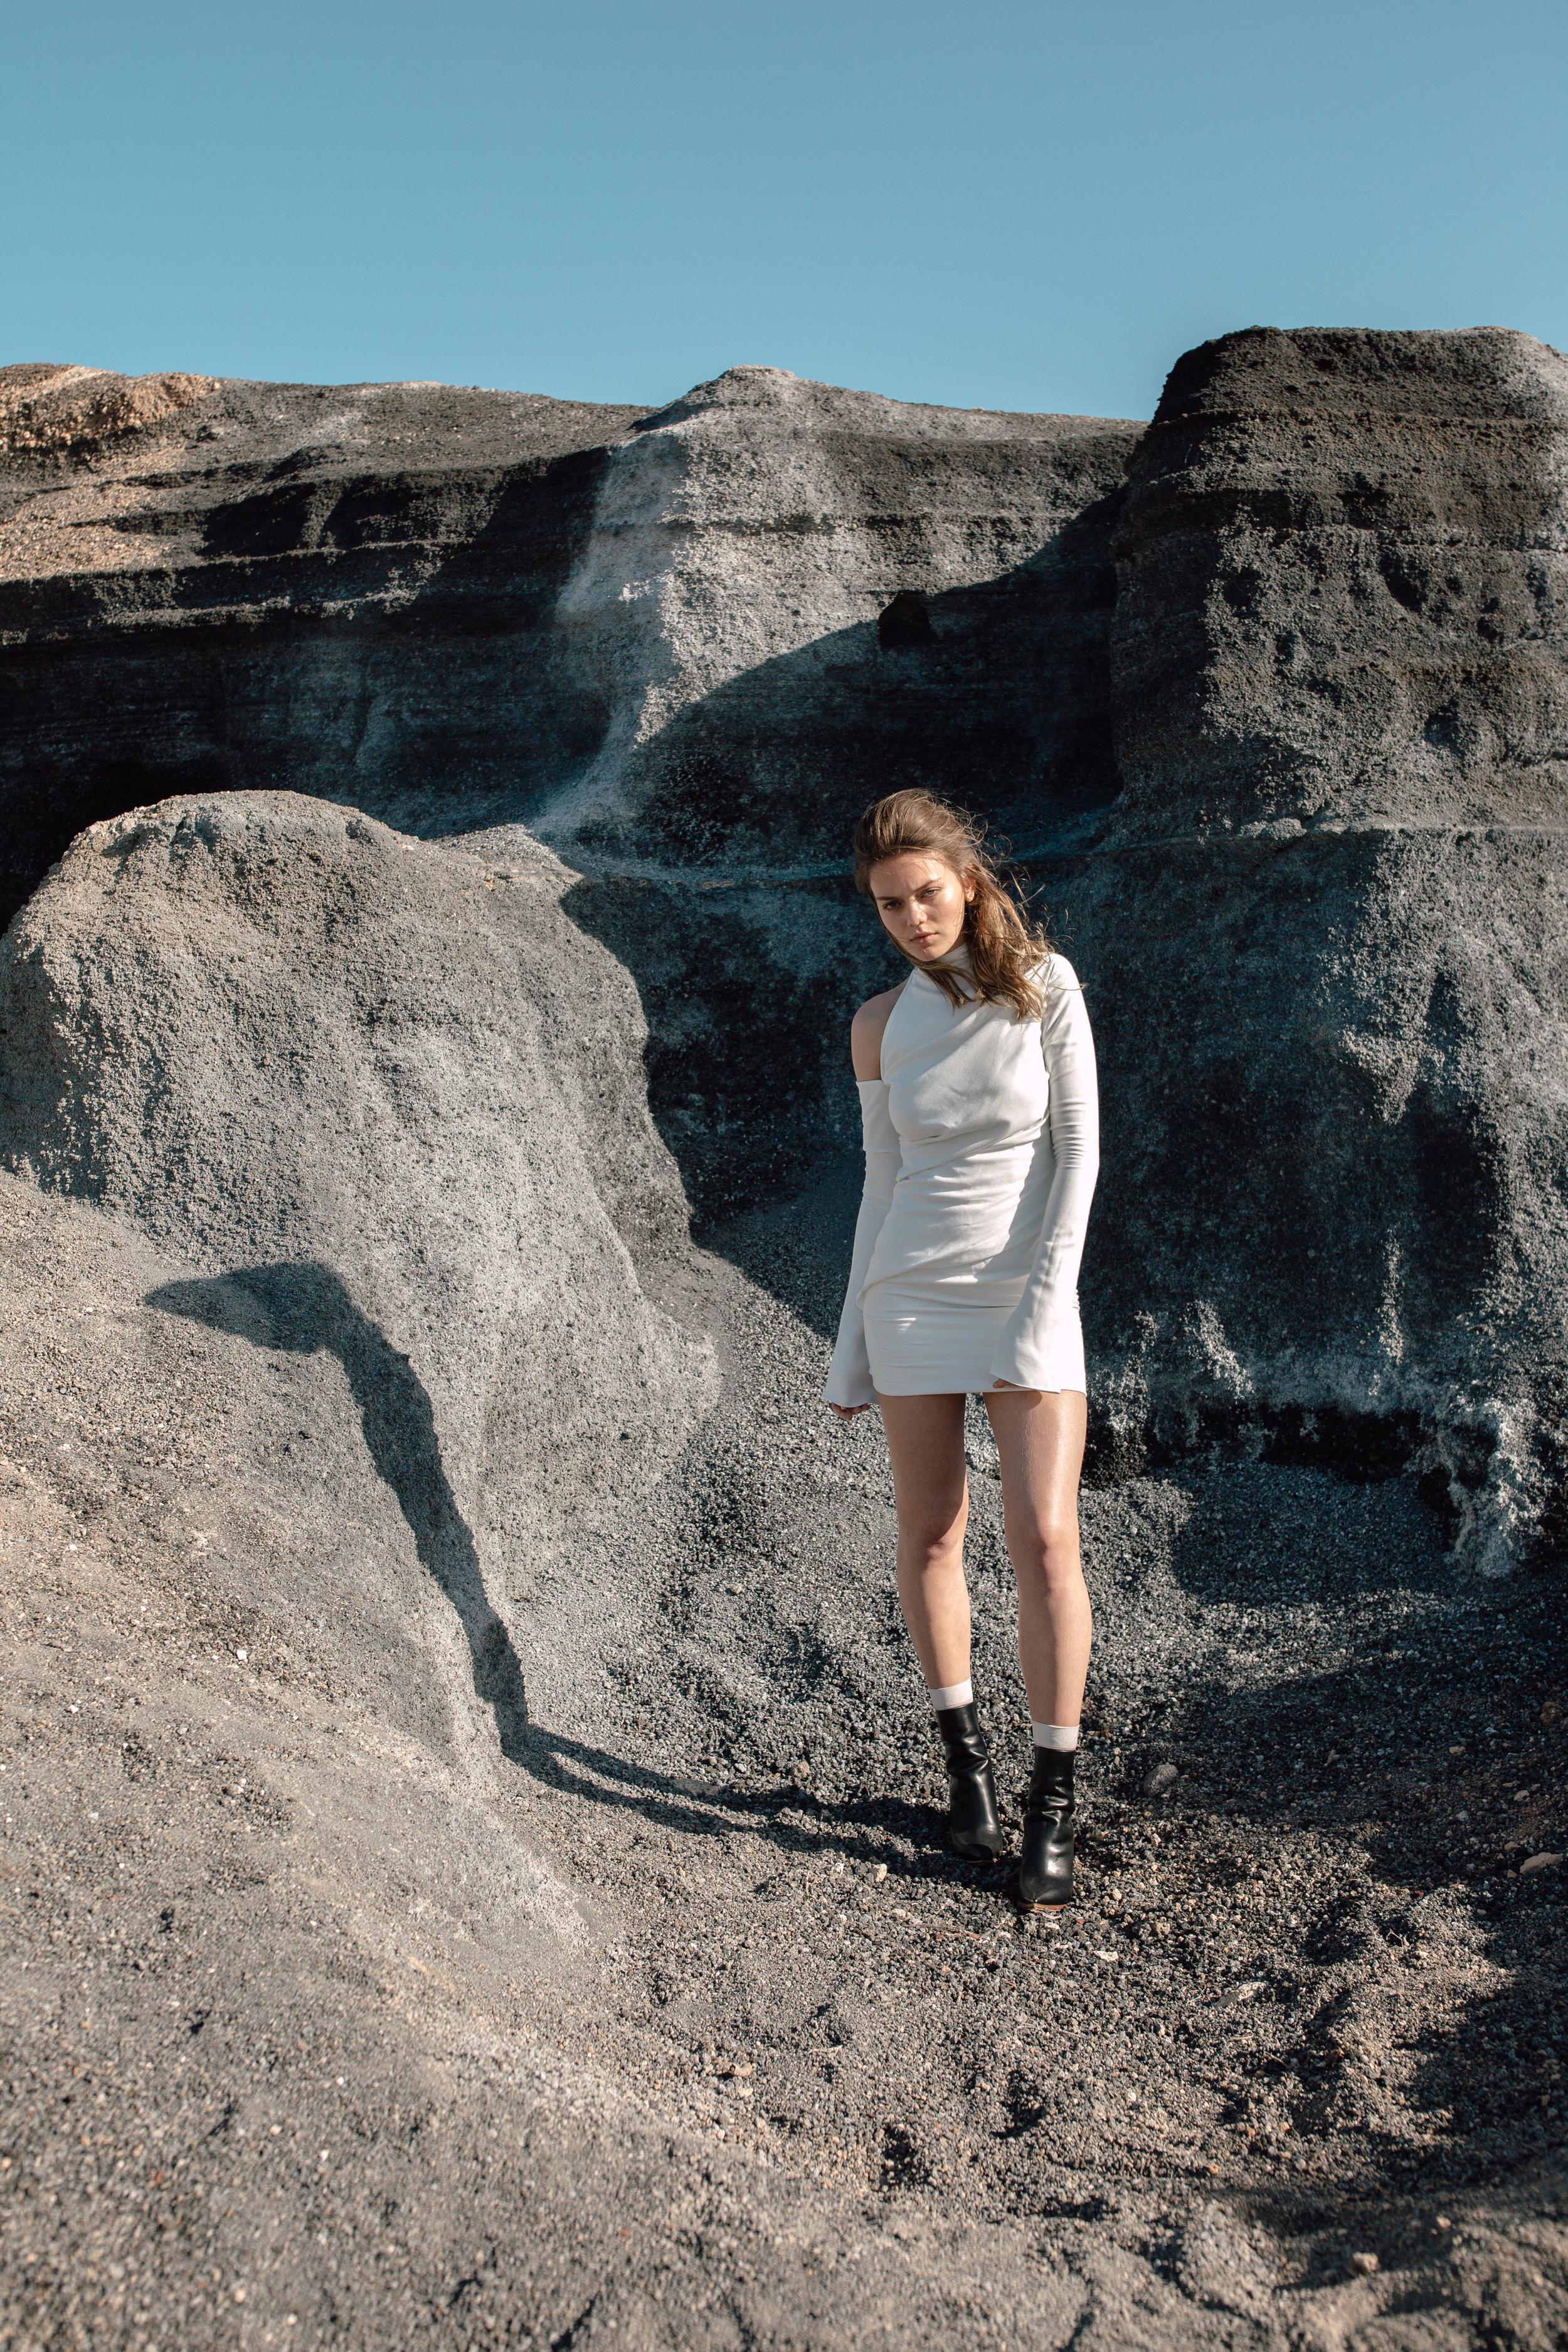 BANG DRESS - Drapiertes Kleid in Mini-Länge. Knopfleiste in der hinteren Mitte. Stehkragen. Lange Ärmel.Material: 92% PES 8% PU1.495 €auch erhältlich aus 100% Seide:1.995 €